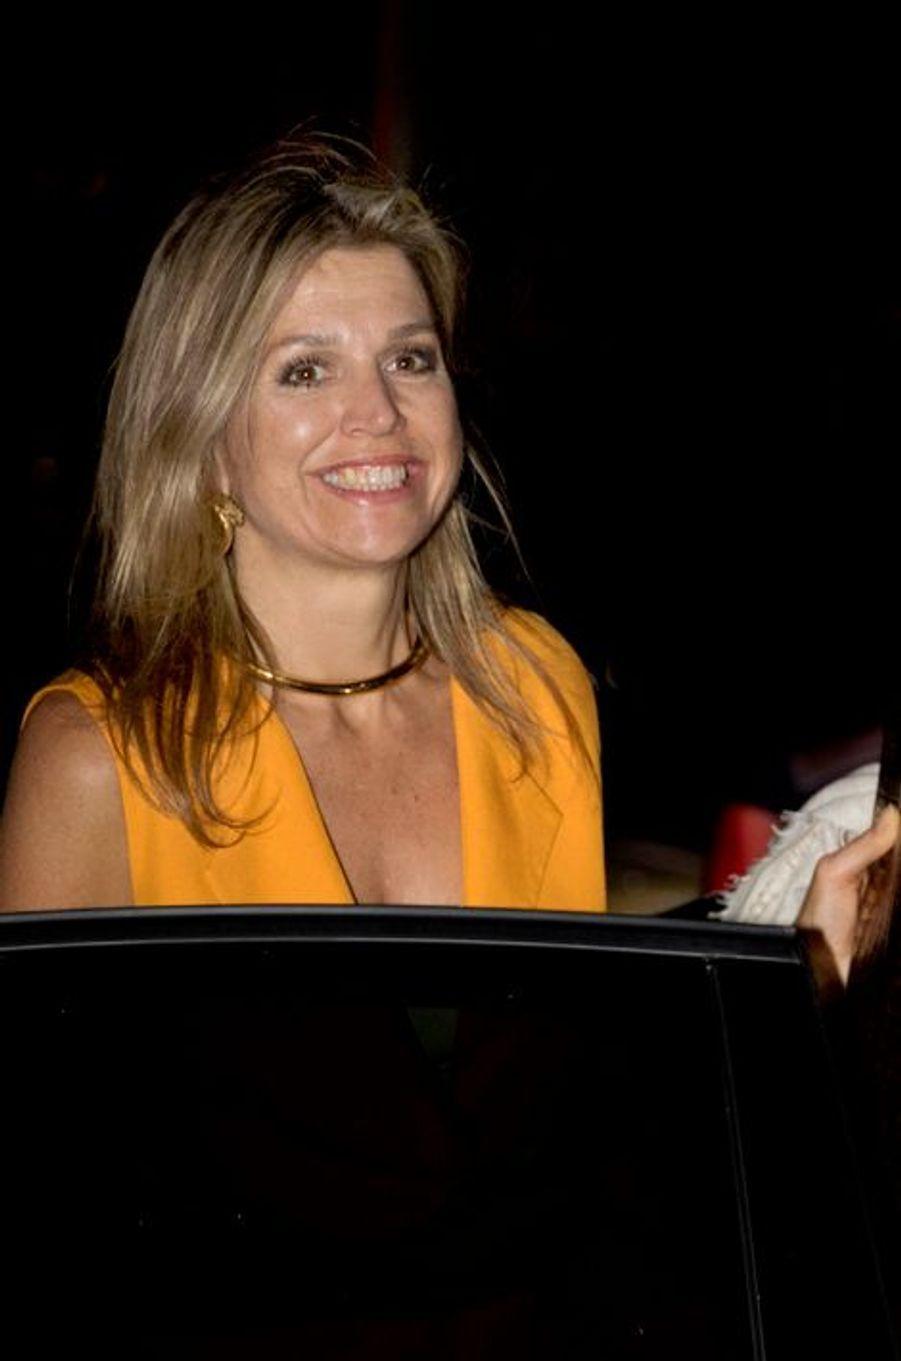 La reine Maxima des Pays-Bas à La Haye, le 5 juillet 2015